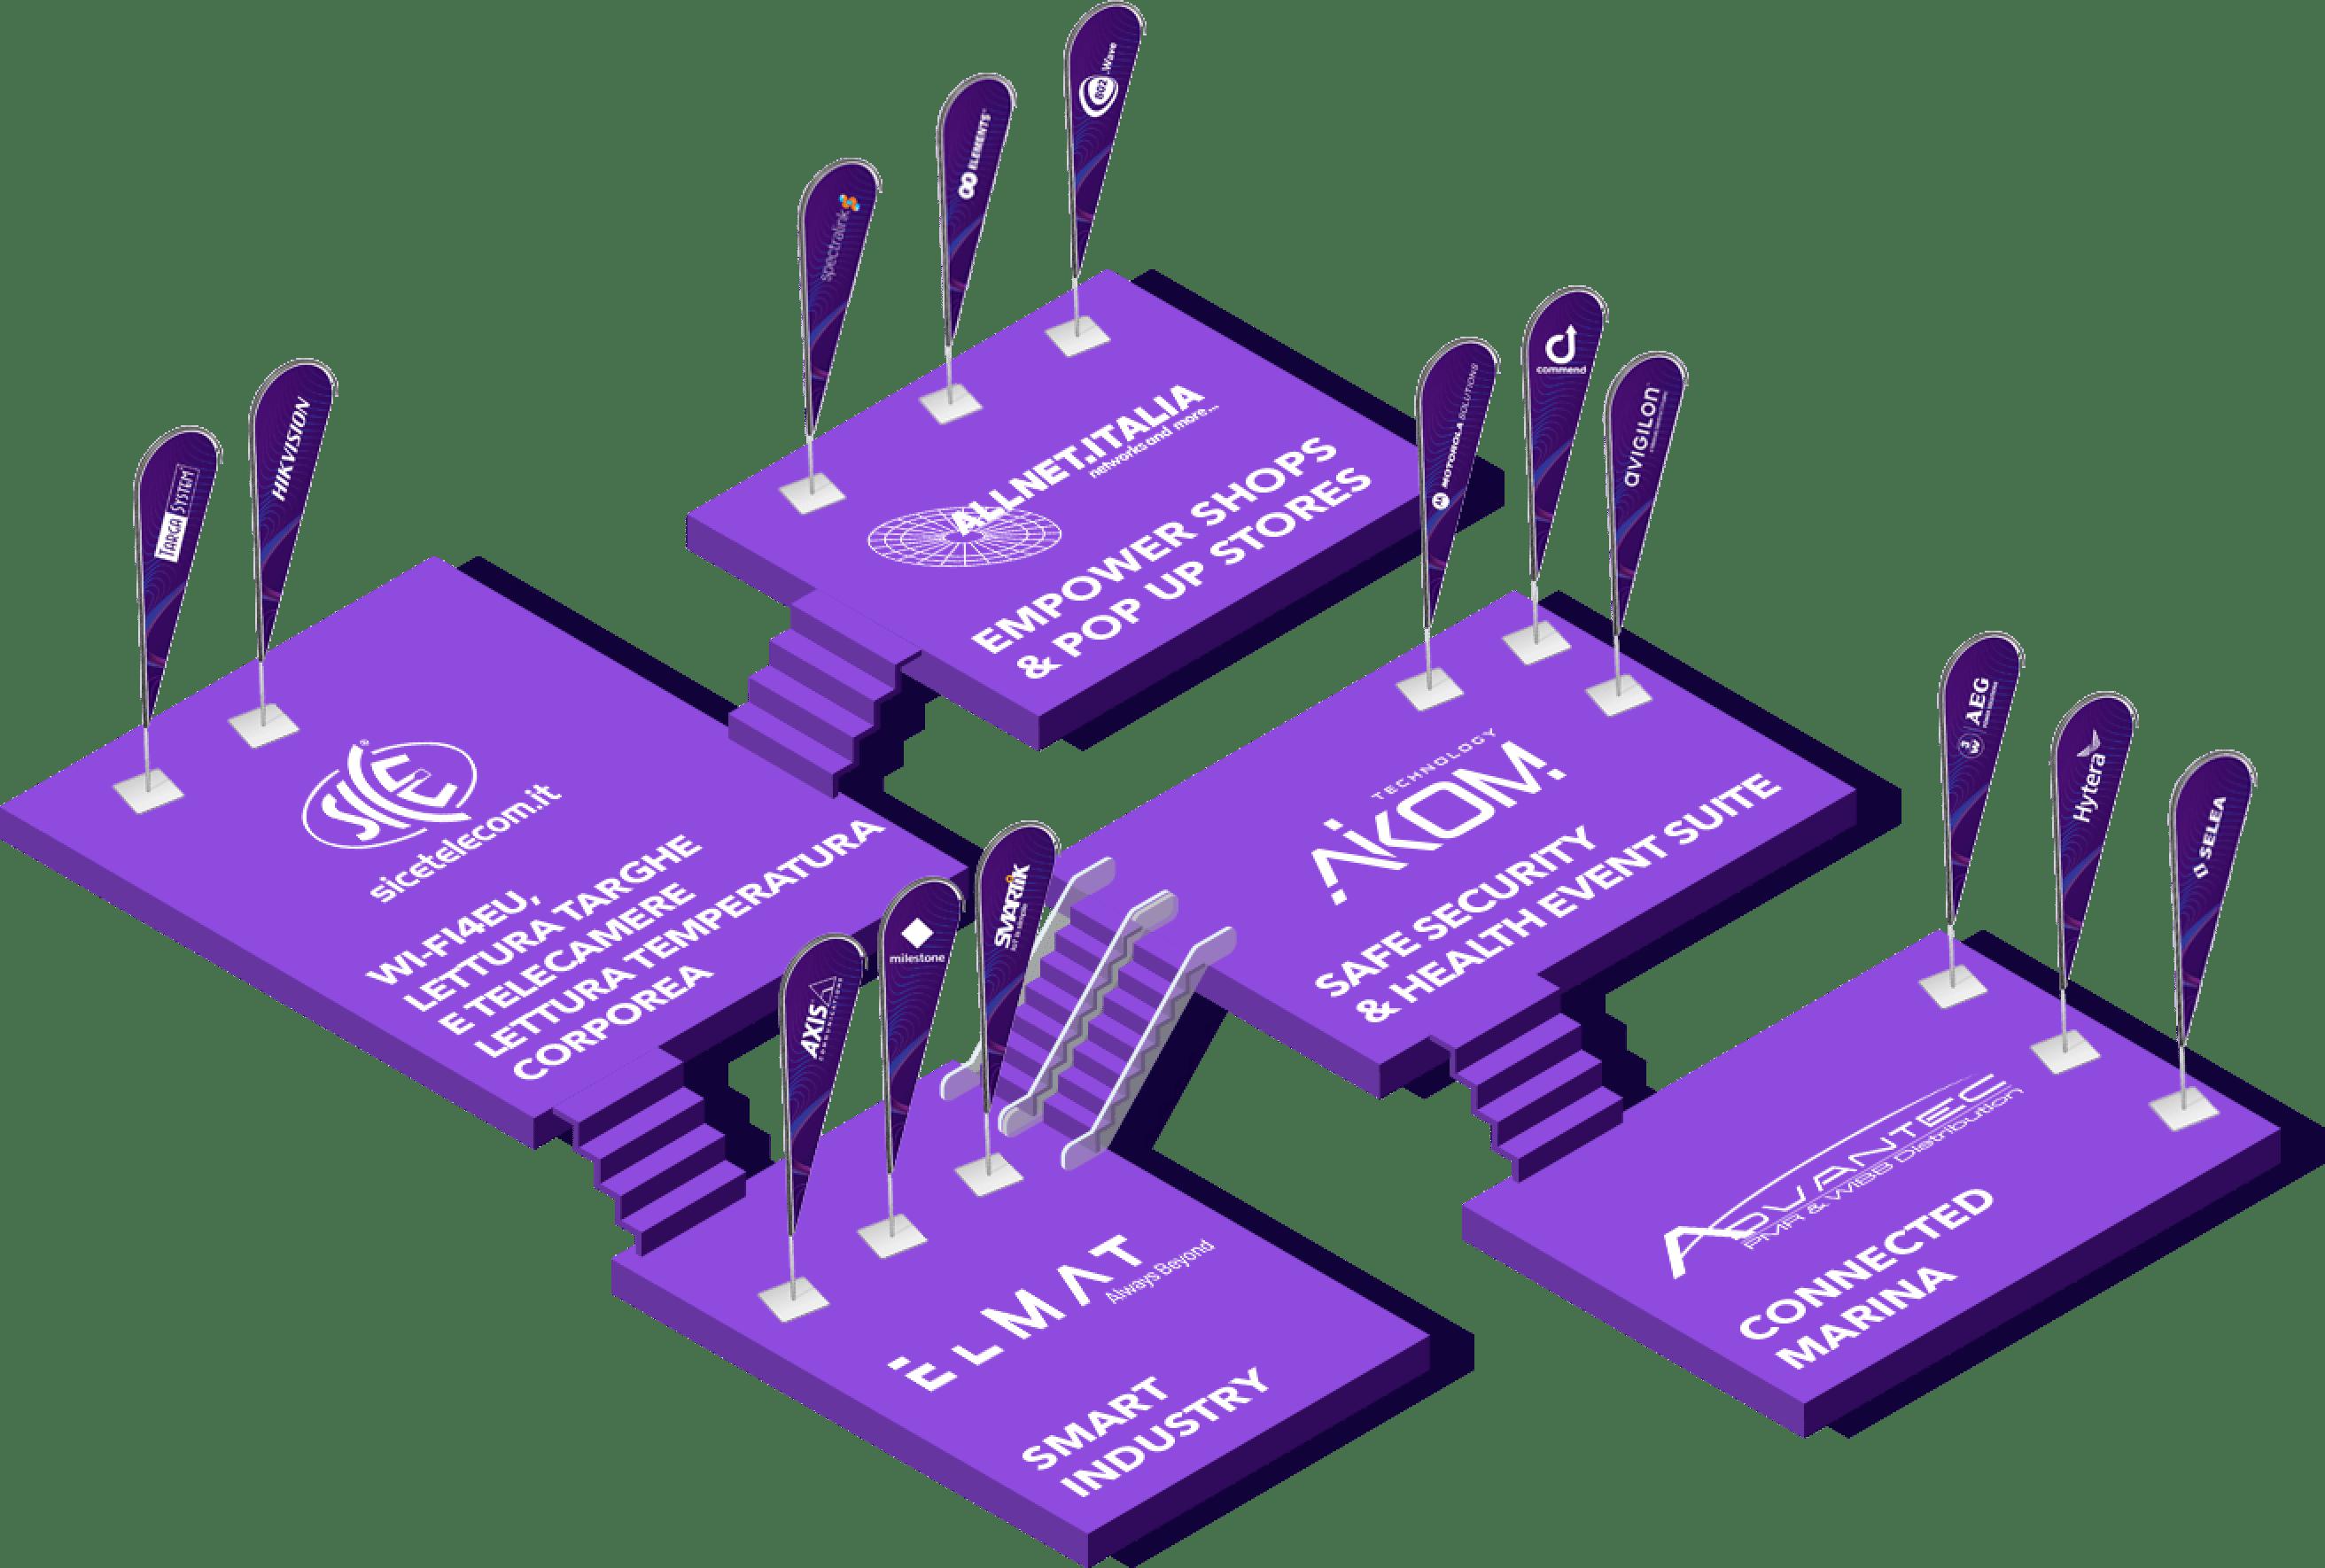 Wifi e Motori - Espositori